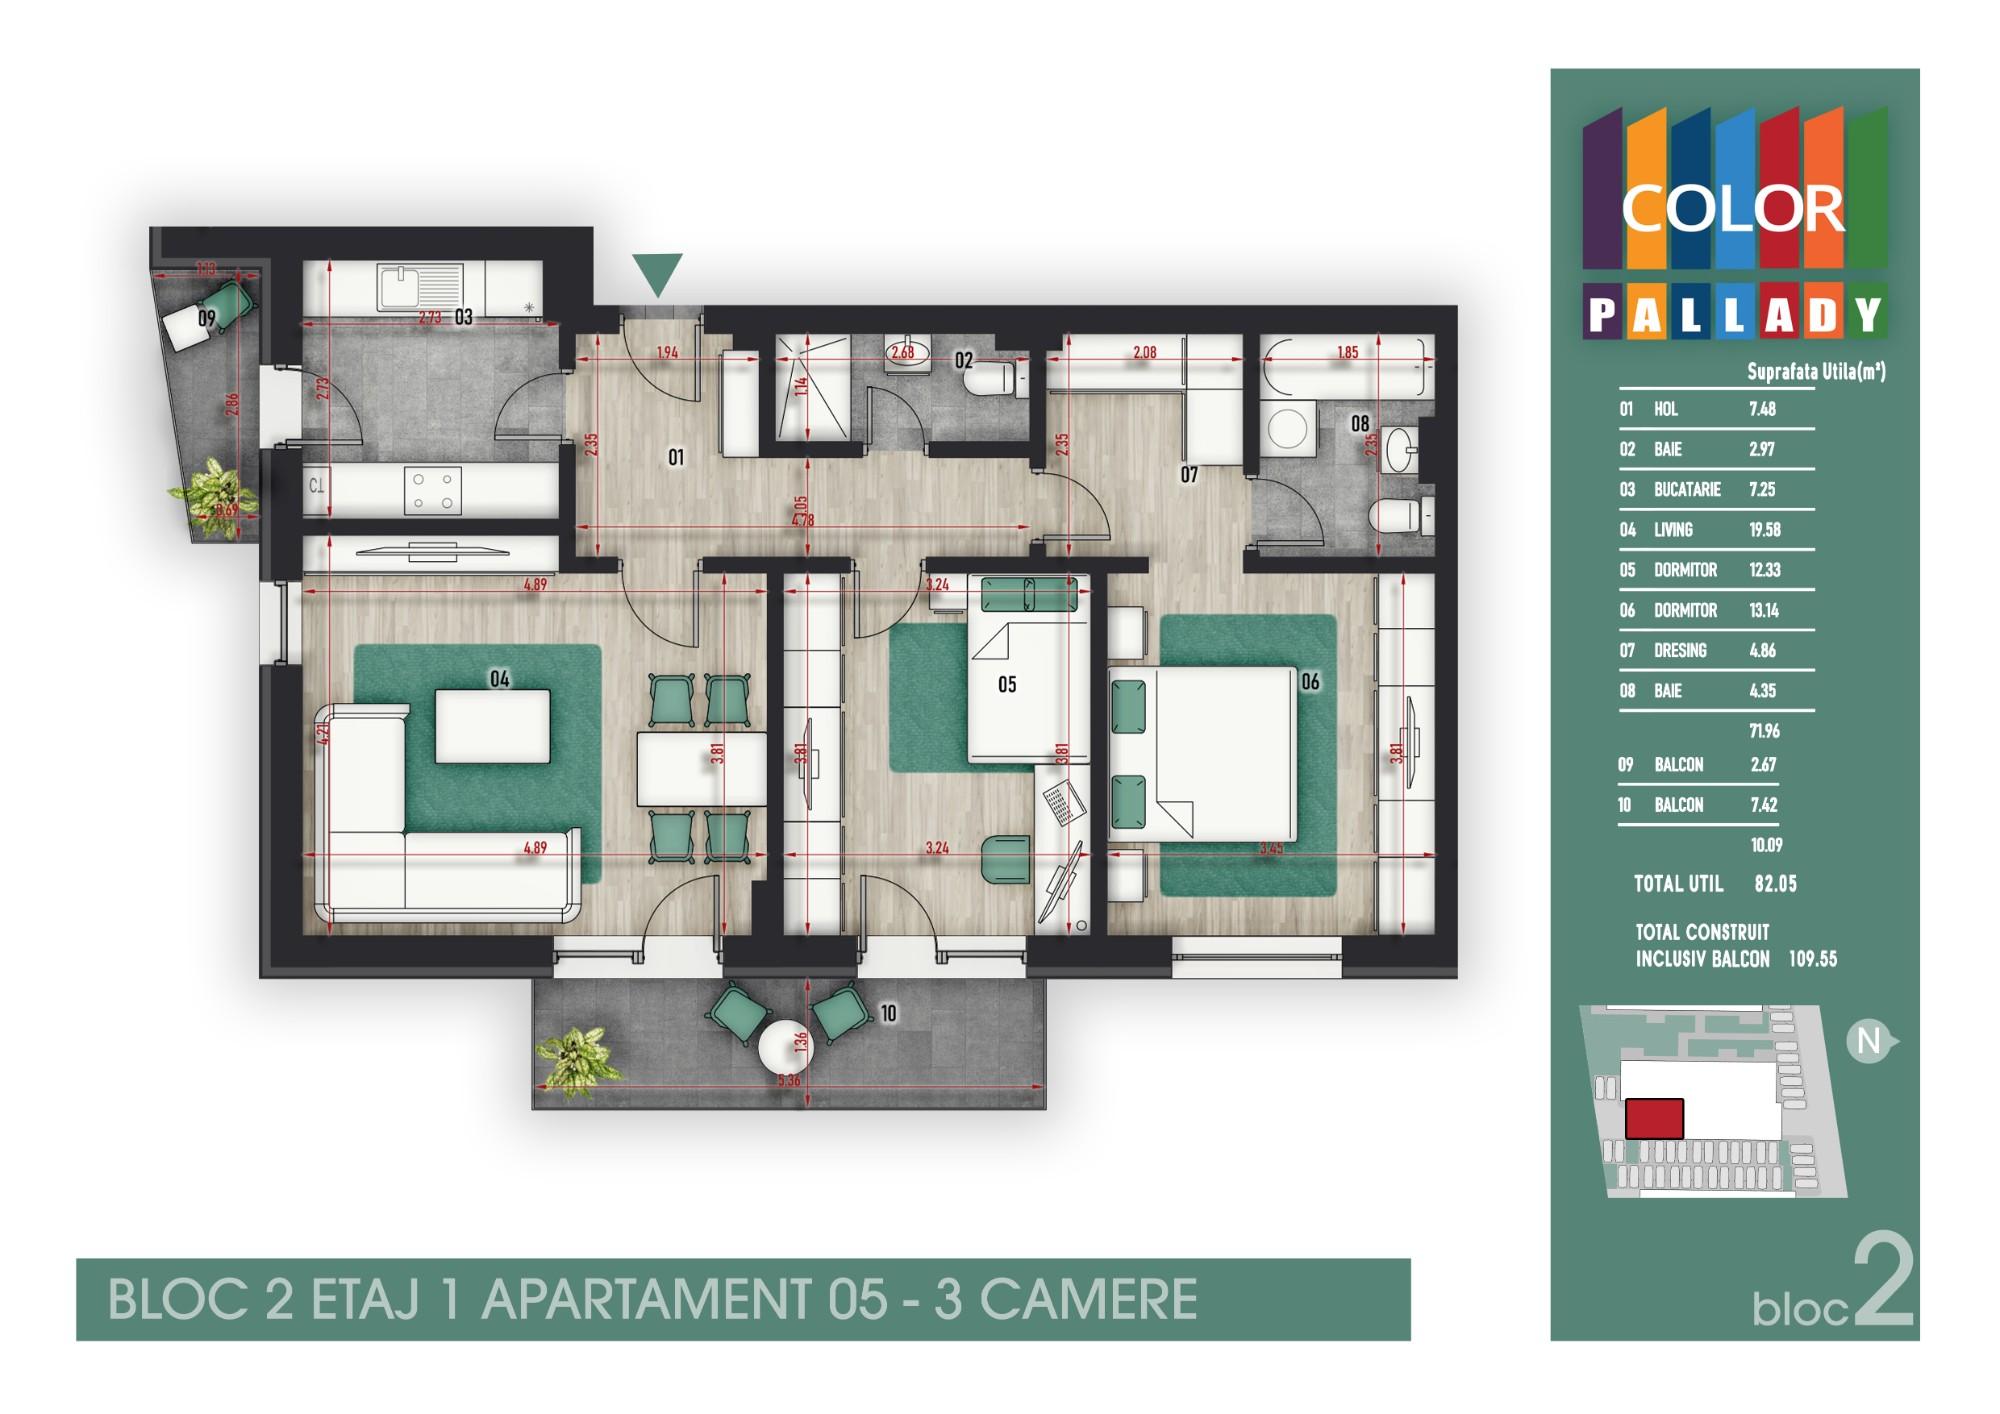 Bloc 2 - Etaj 1 - Apartament 05